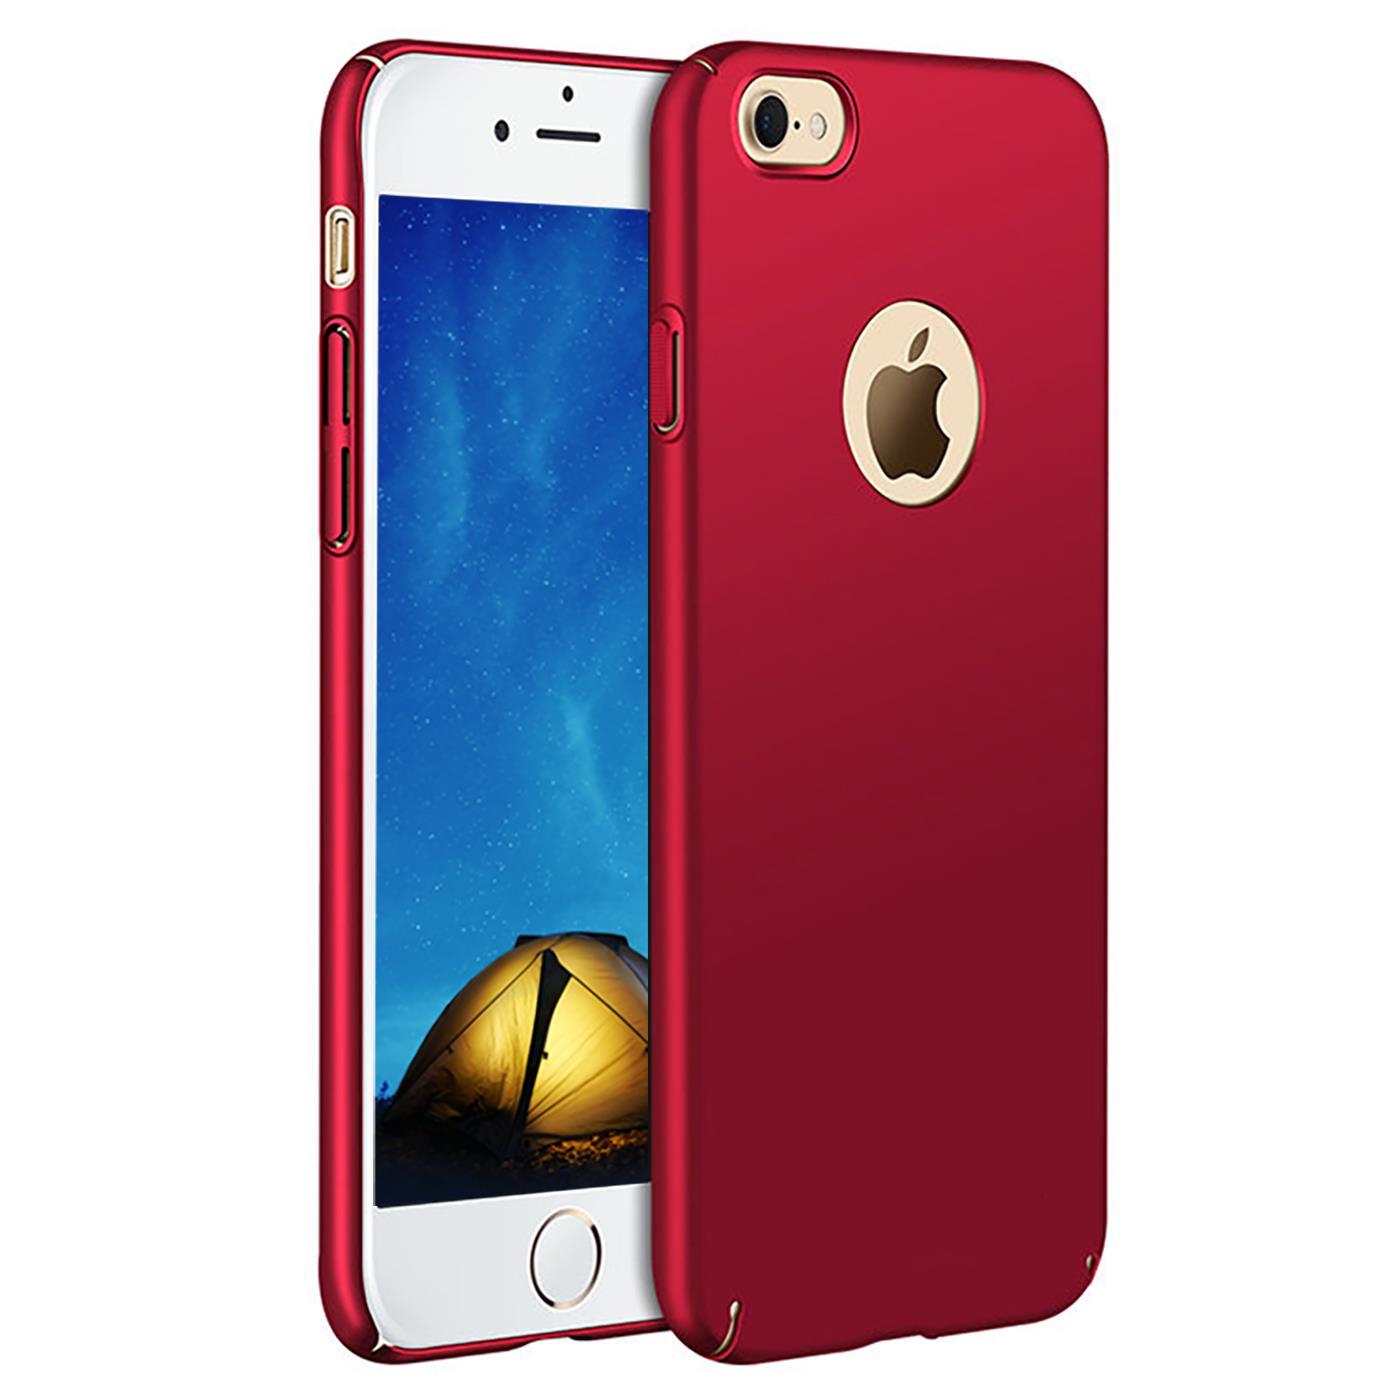 Slim-Cover-Schutzhuelle-Apple-iPhone-Handy-Schutz-Tasche-Huelle-Glas-Panzer-Folie Indexbild 33